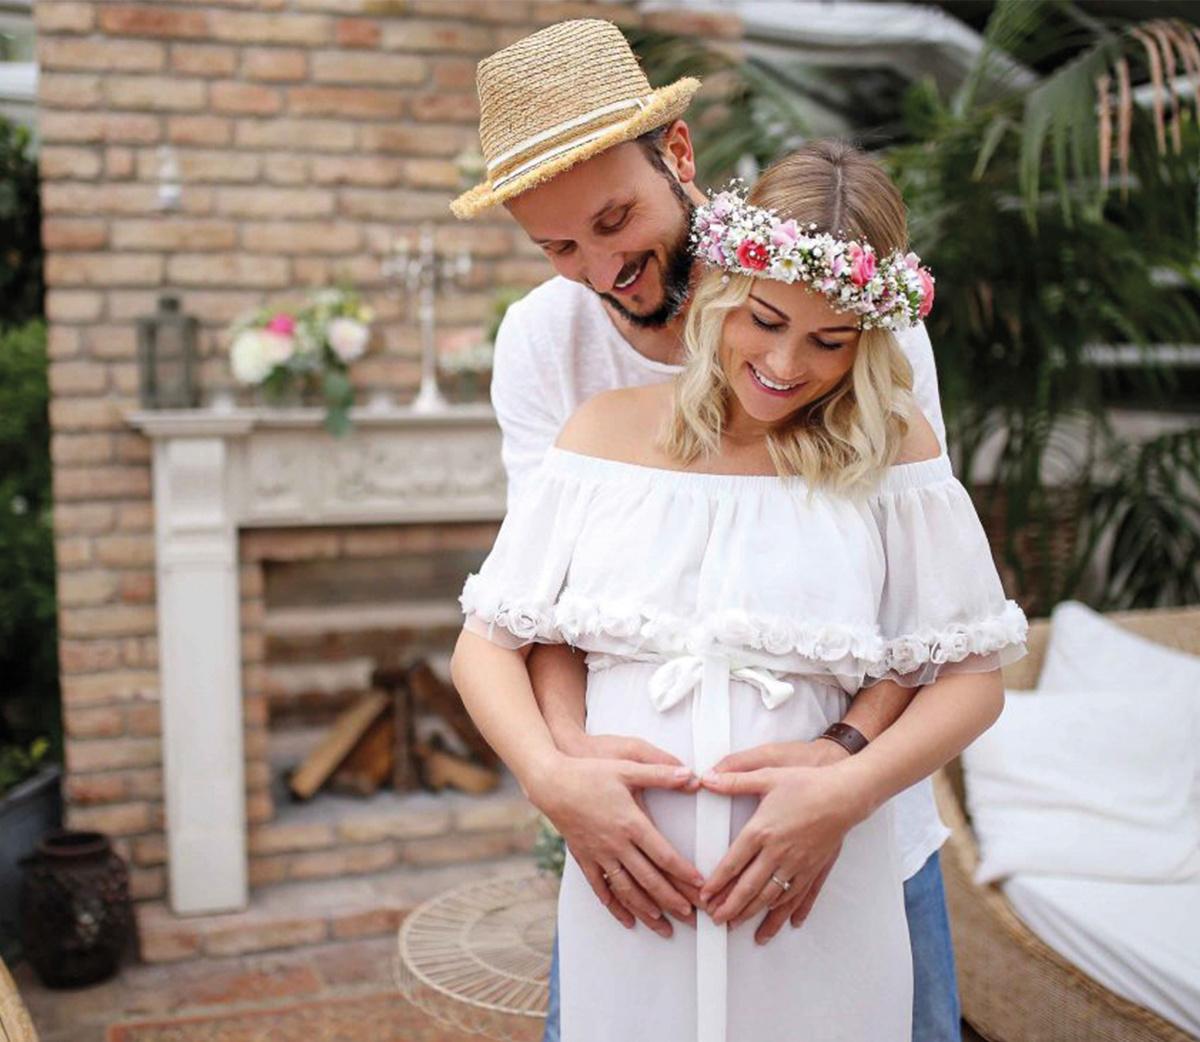 stylingliebe-lifestyleblogger-lifestyleblog-muenchen-styleblog-munich-blogger-deutschland-fashionblogger-bloggerdeutschland-germanblogger-unser-babybauch-shooting-memories-forever-5-1500x1042